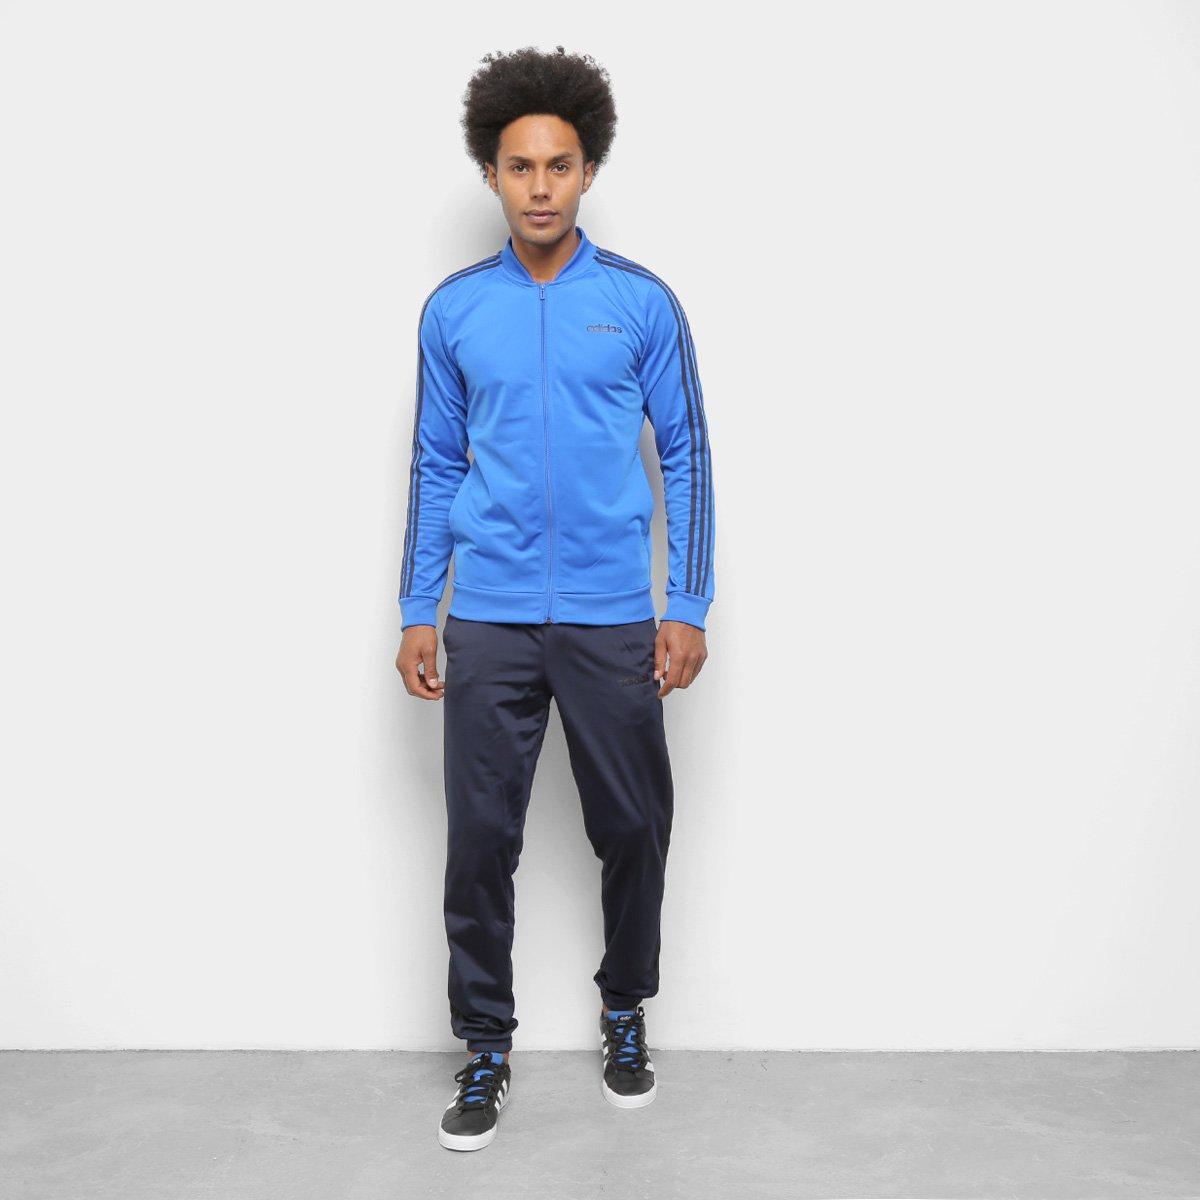 Agasalho Adidas Basic 3 Stripes Tracksuit Masculino